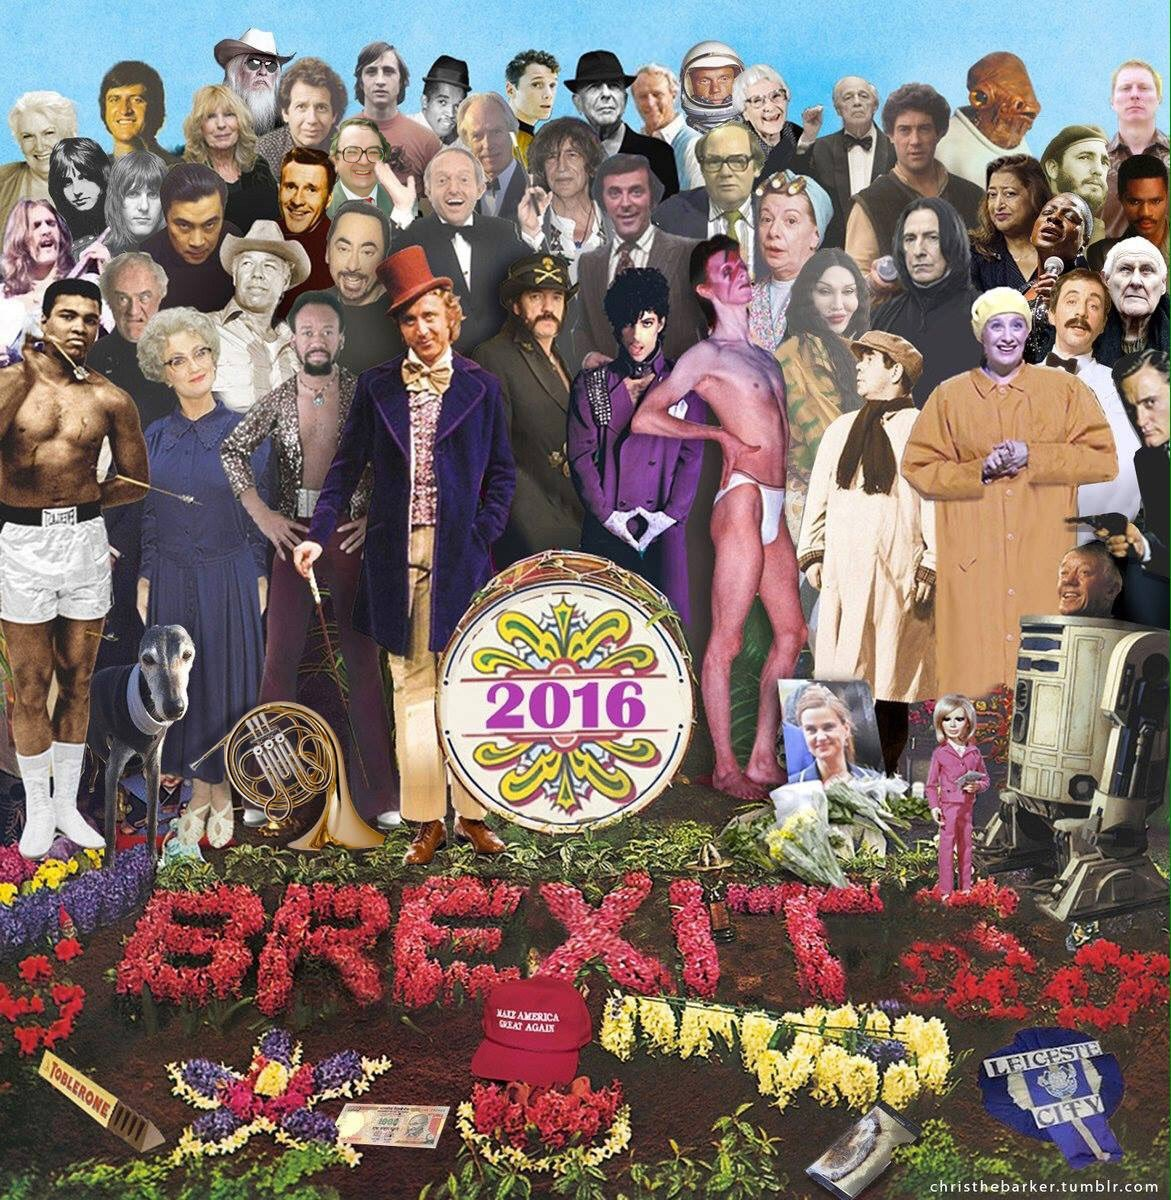 La versión 2016 de 'Sgt. Pepper's Lonely Hearts Club Band' - Christhebarker